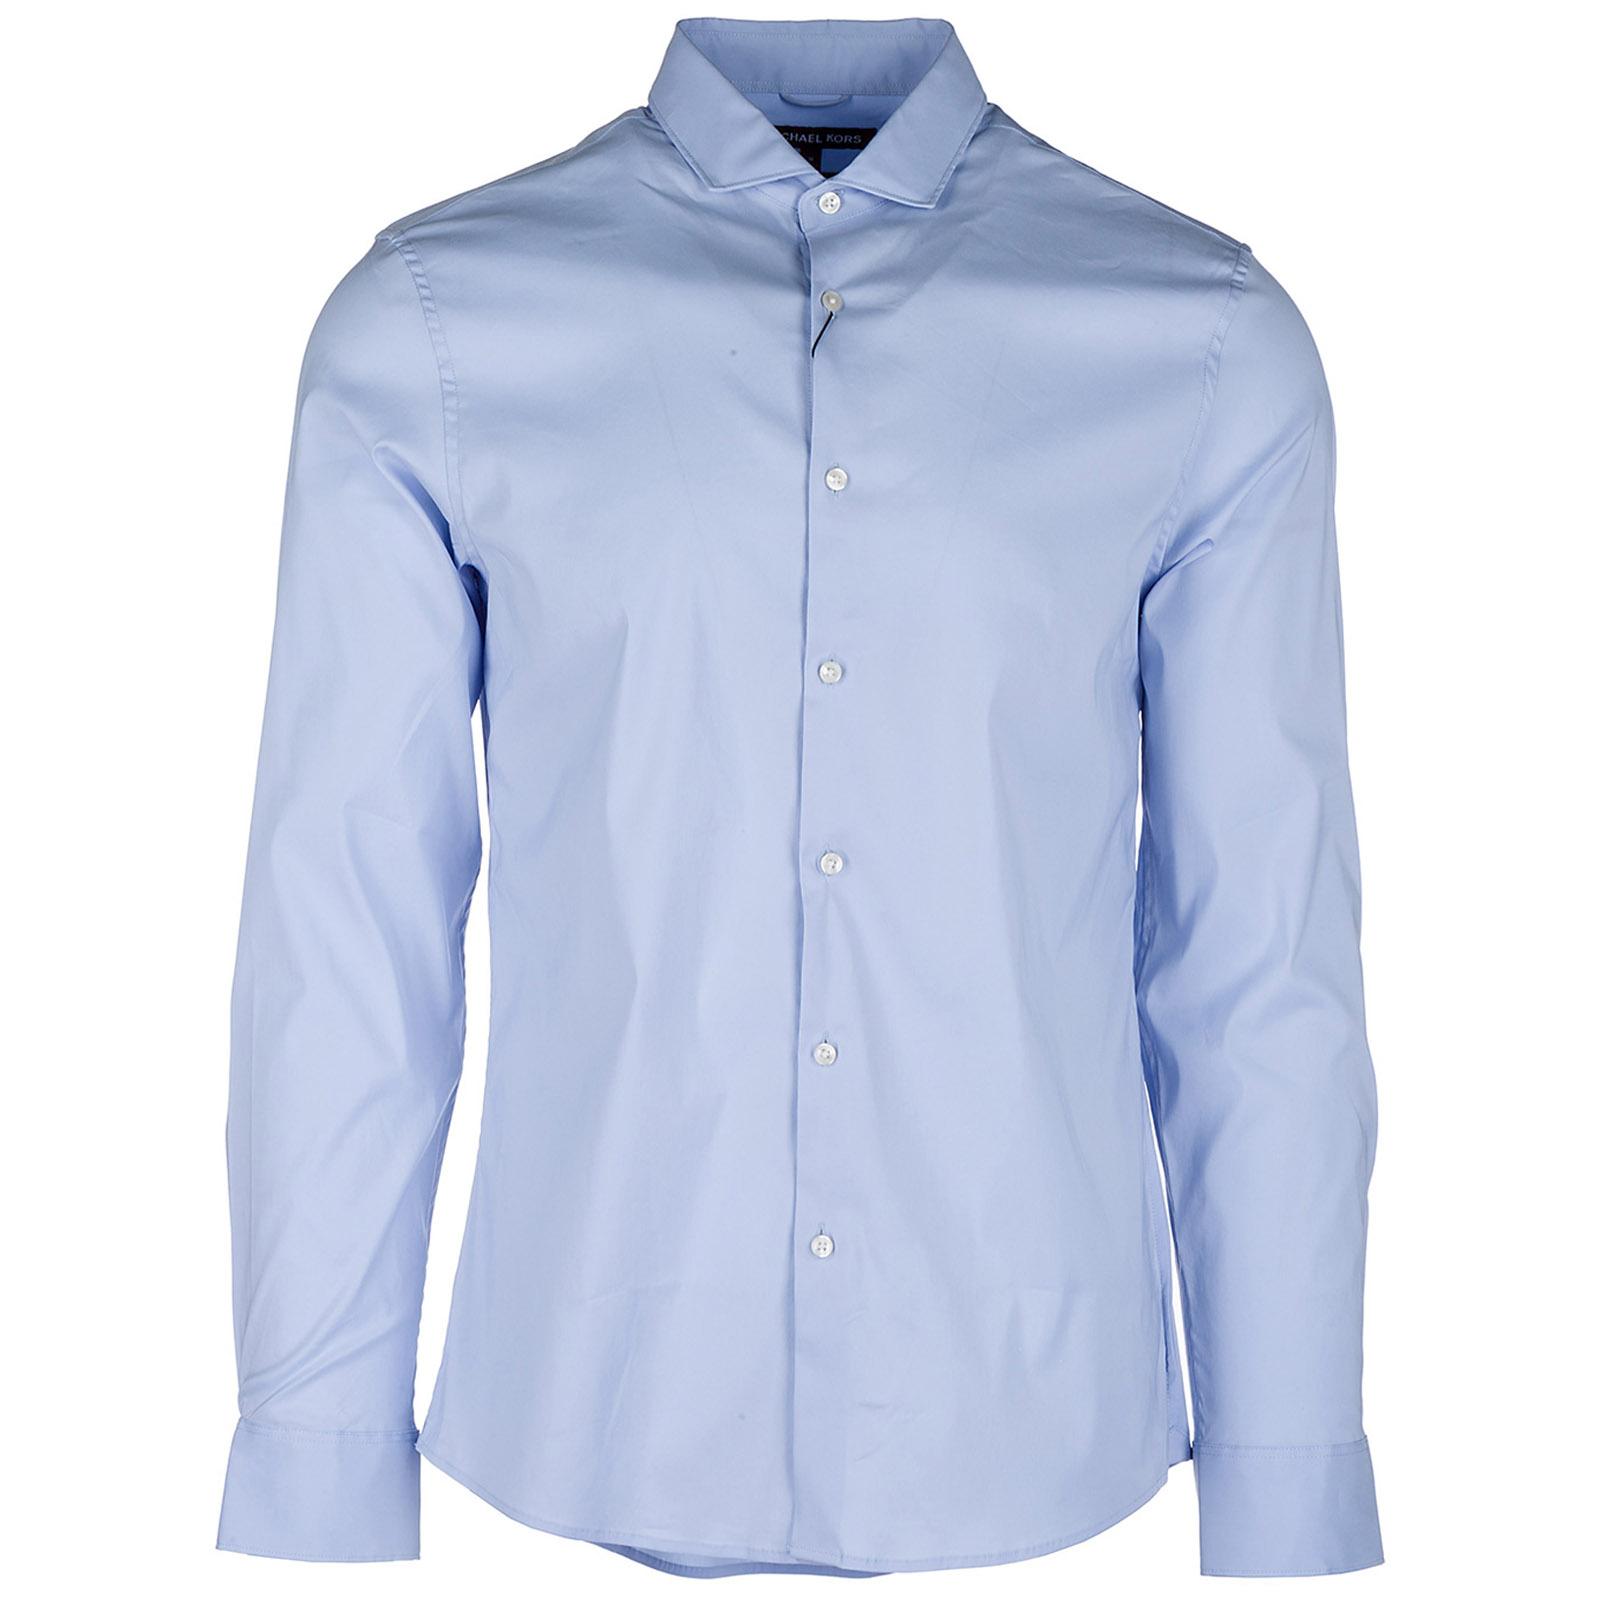 3460e1016a Camicia Michael Kors CB94C6GAG5 steel blue   FRMODA.com